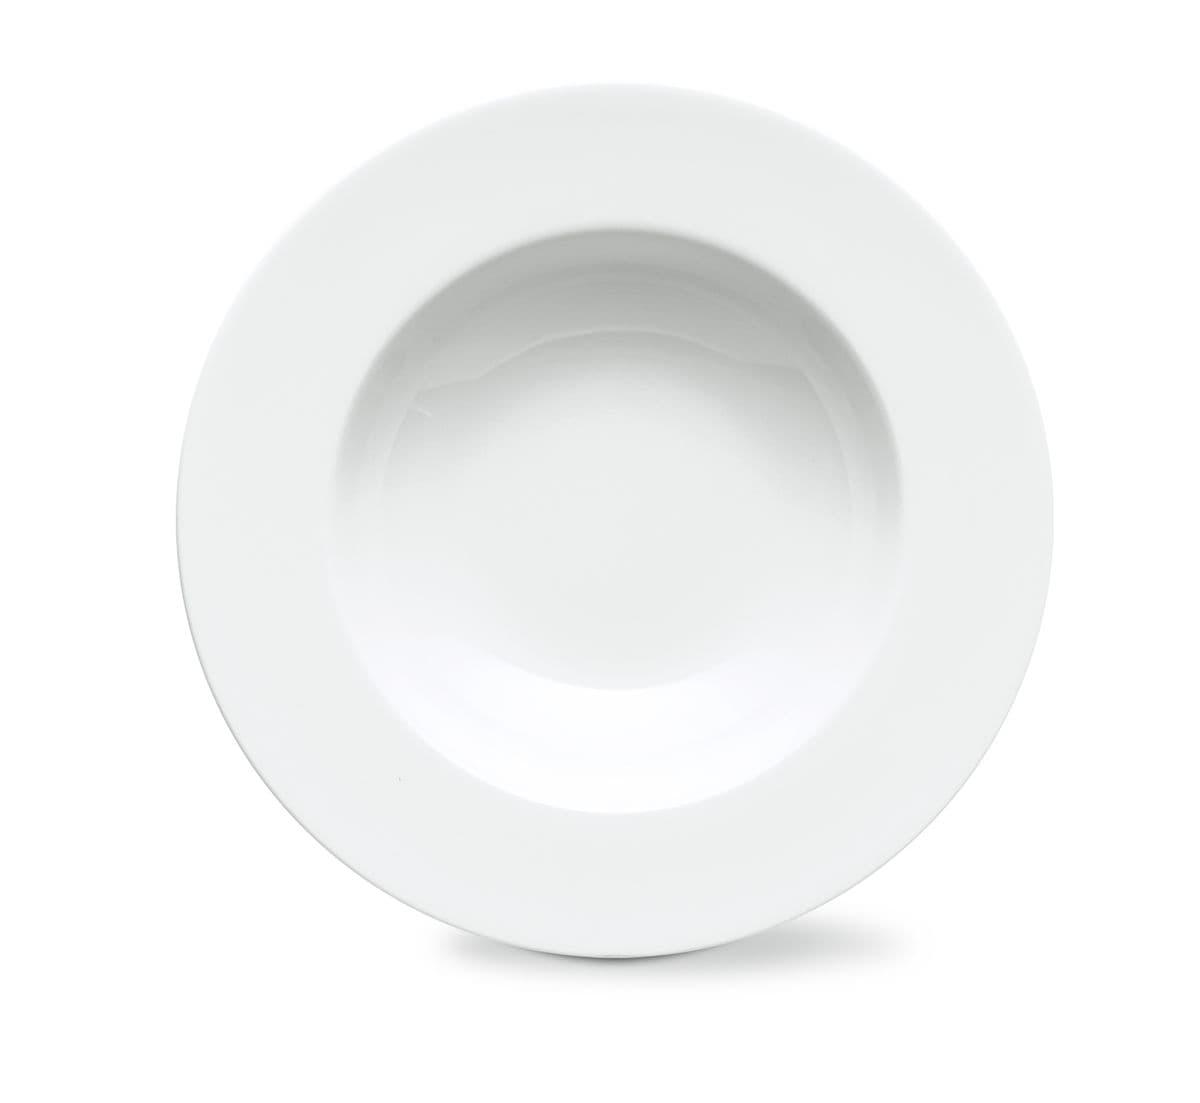 Cucina & Tavola CLASSIC Suppenteller